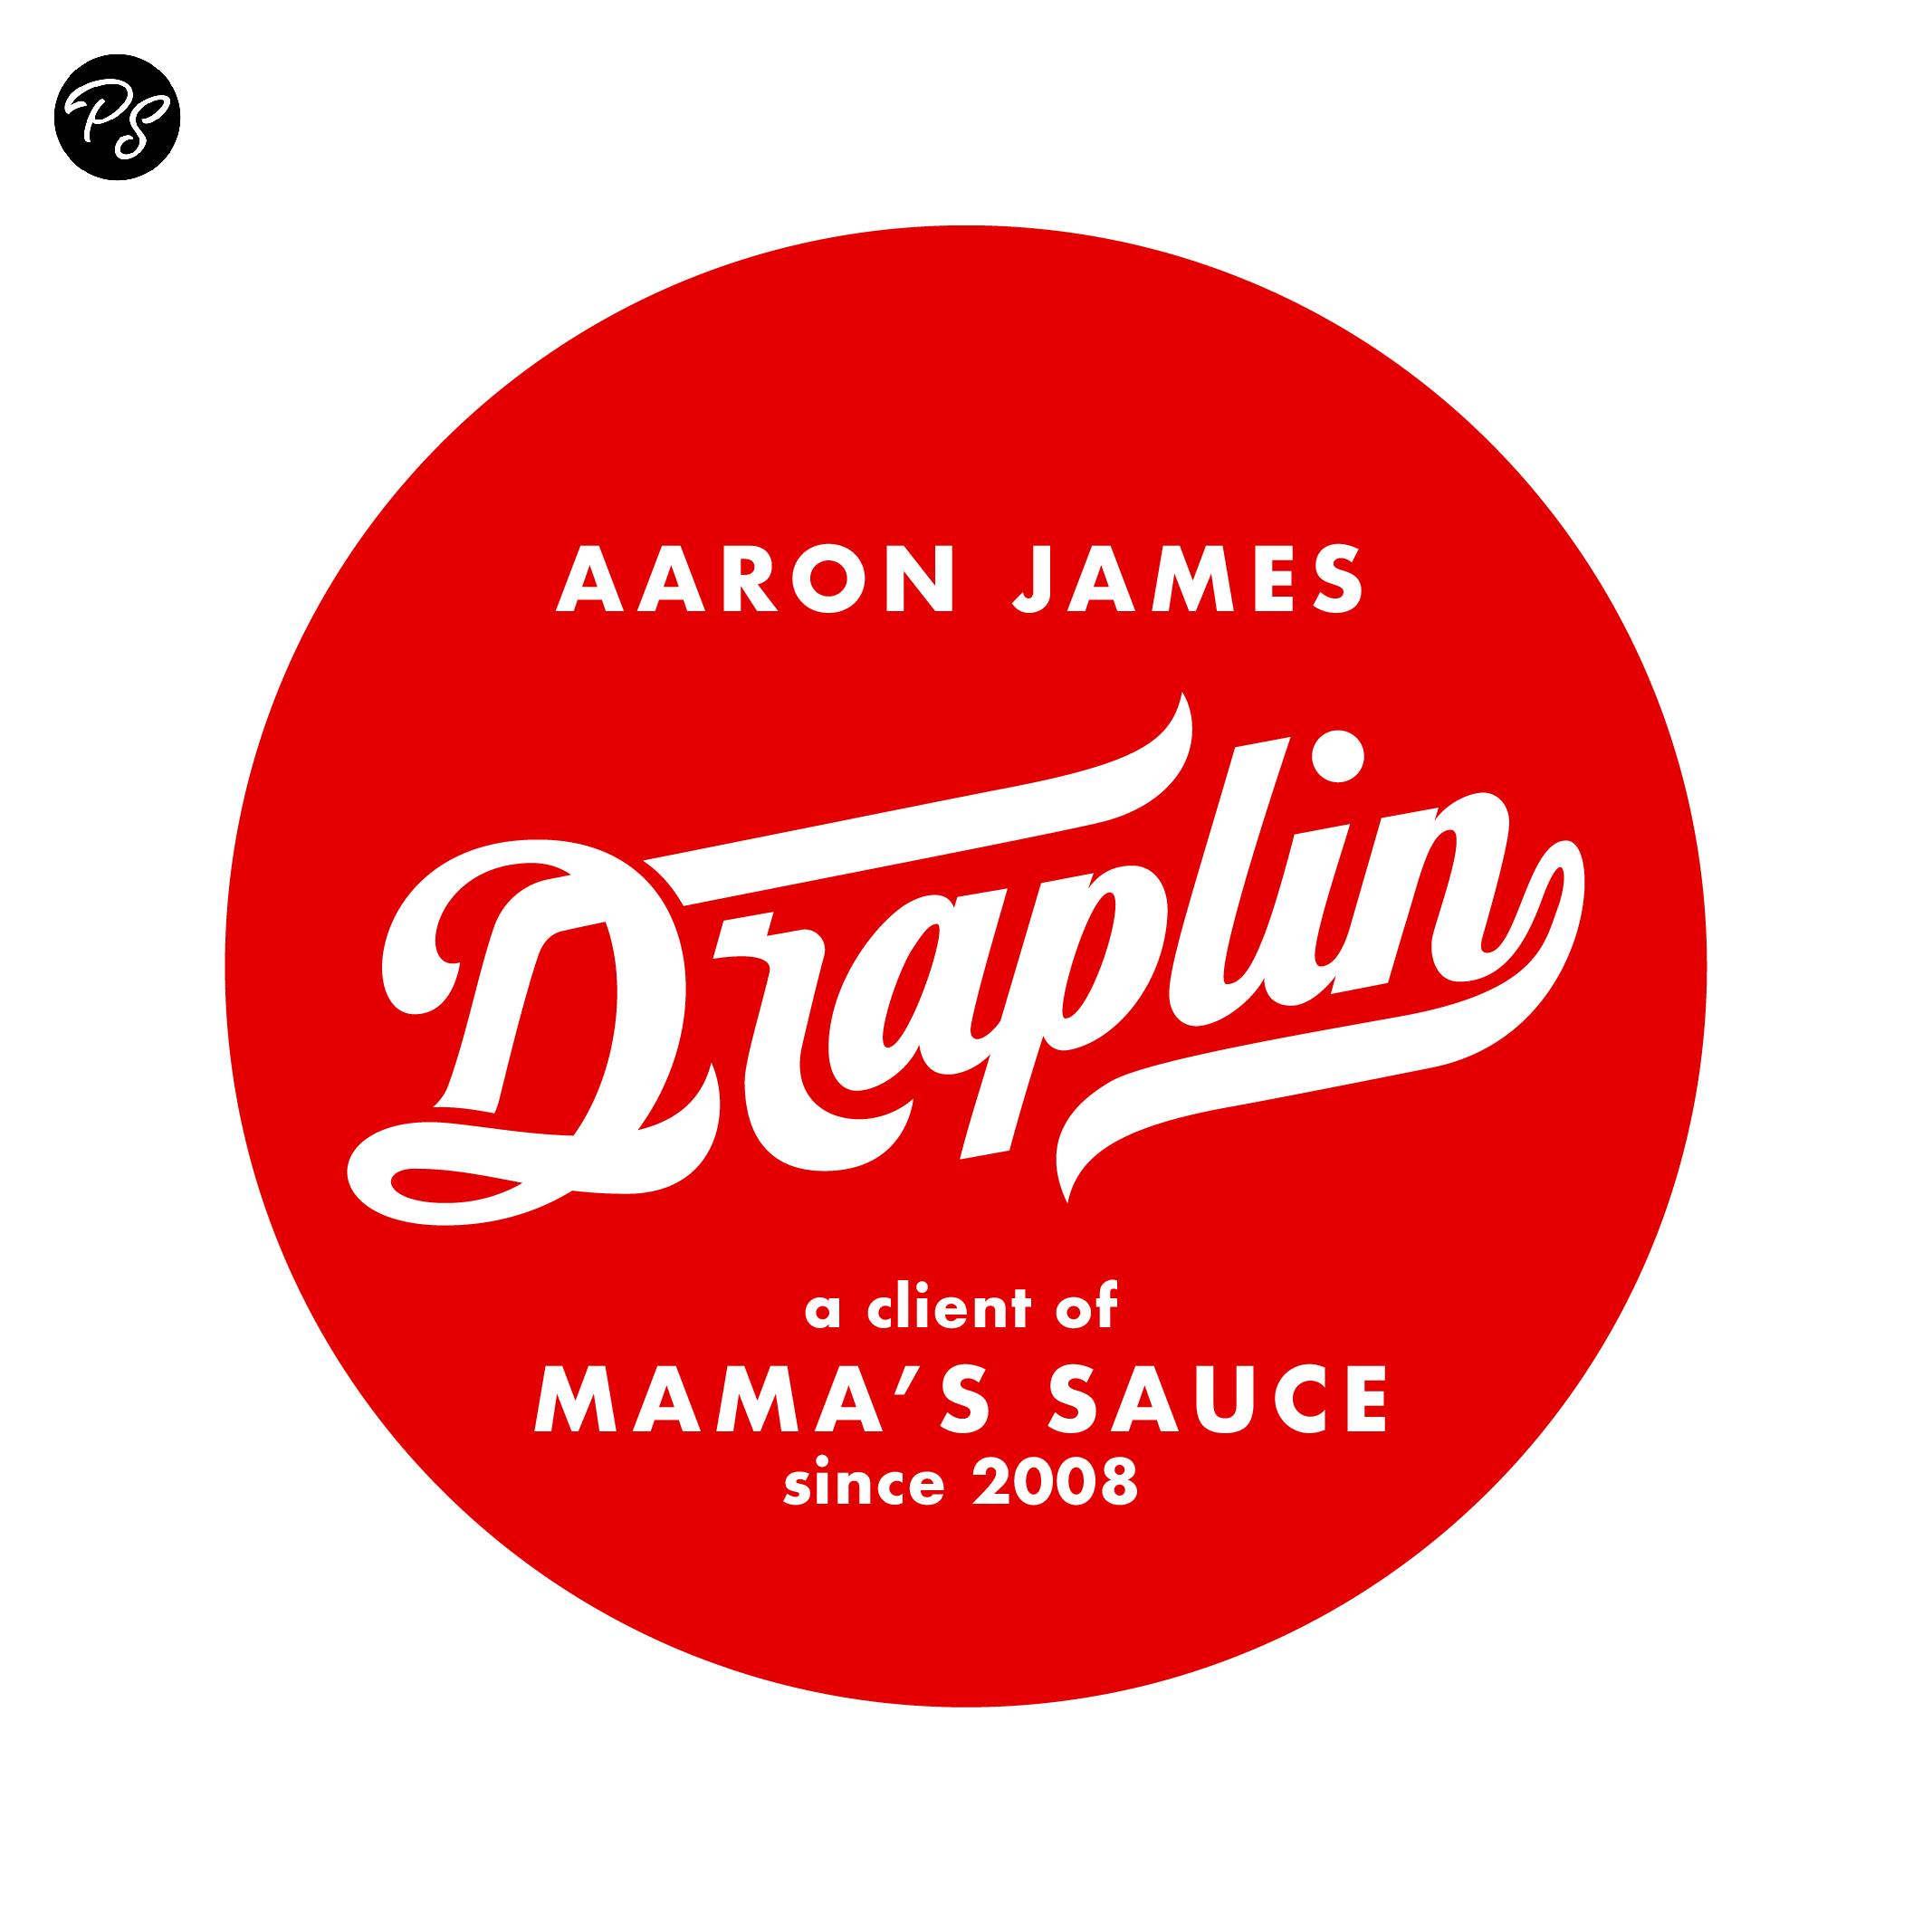 Draplin x Mama's Sauce Logo Inspiration